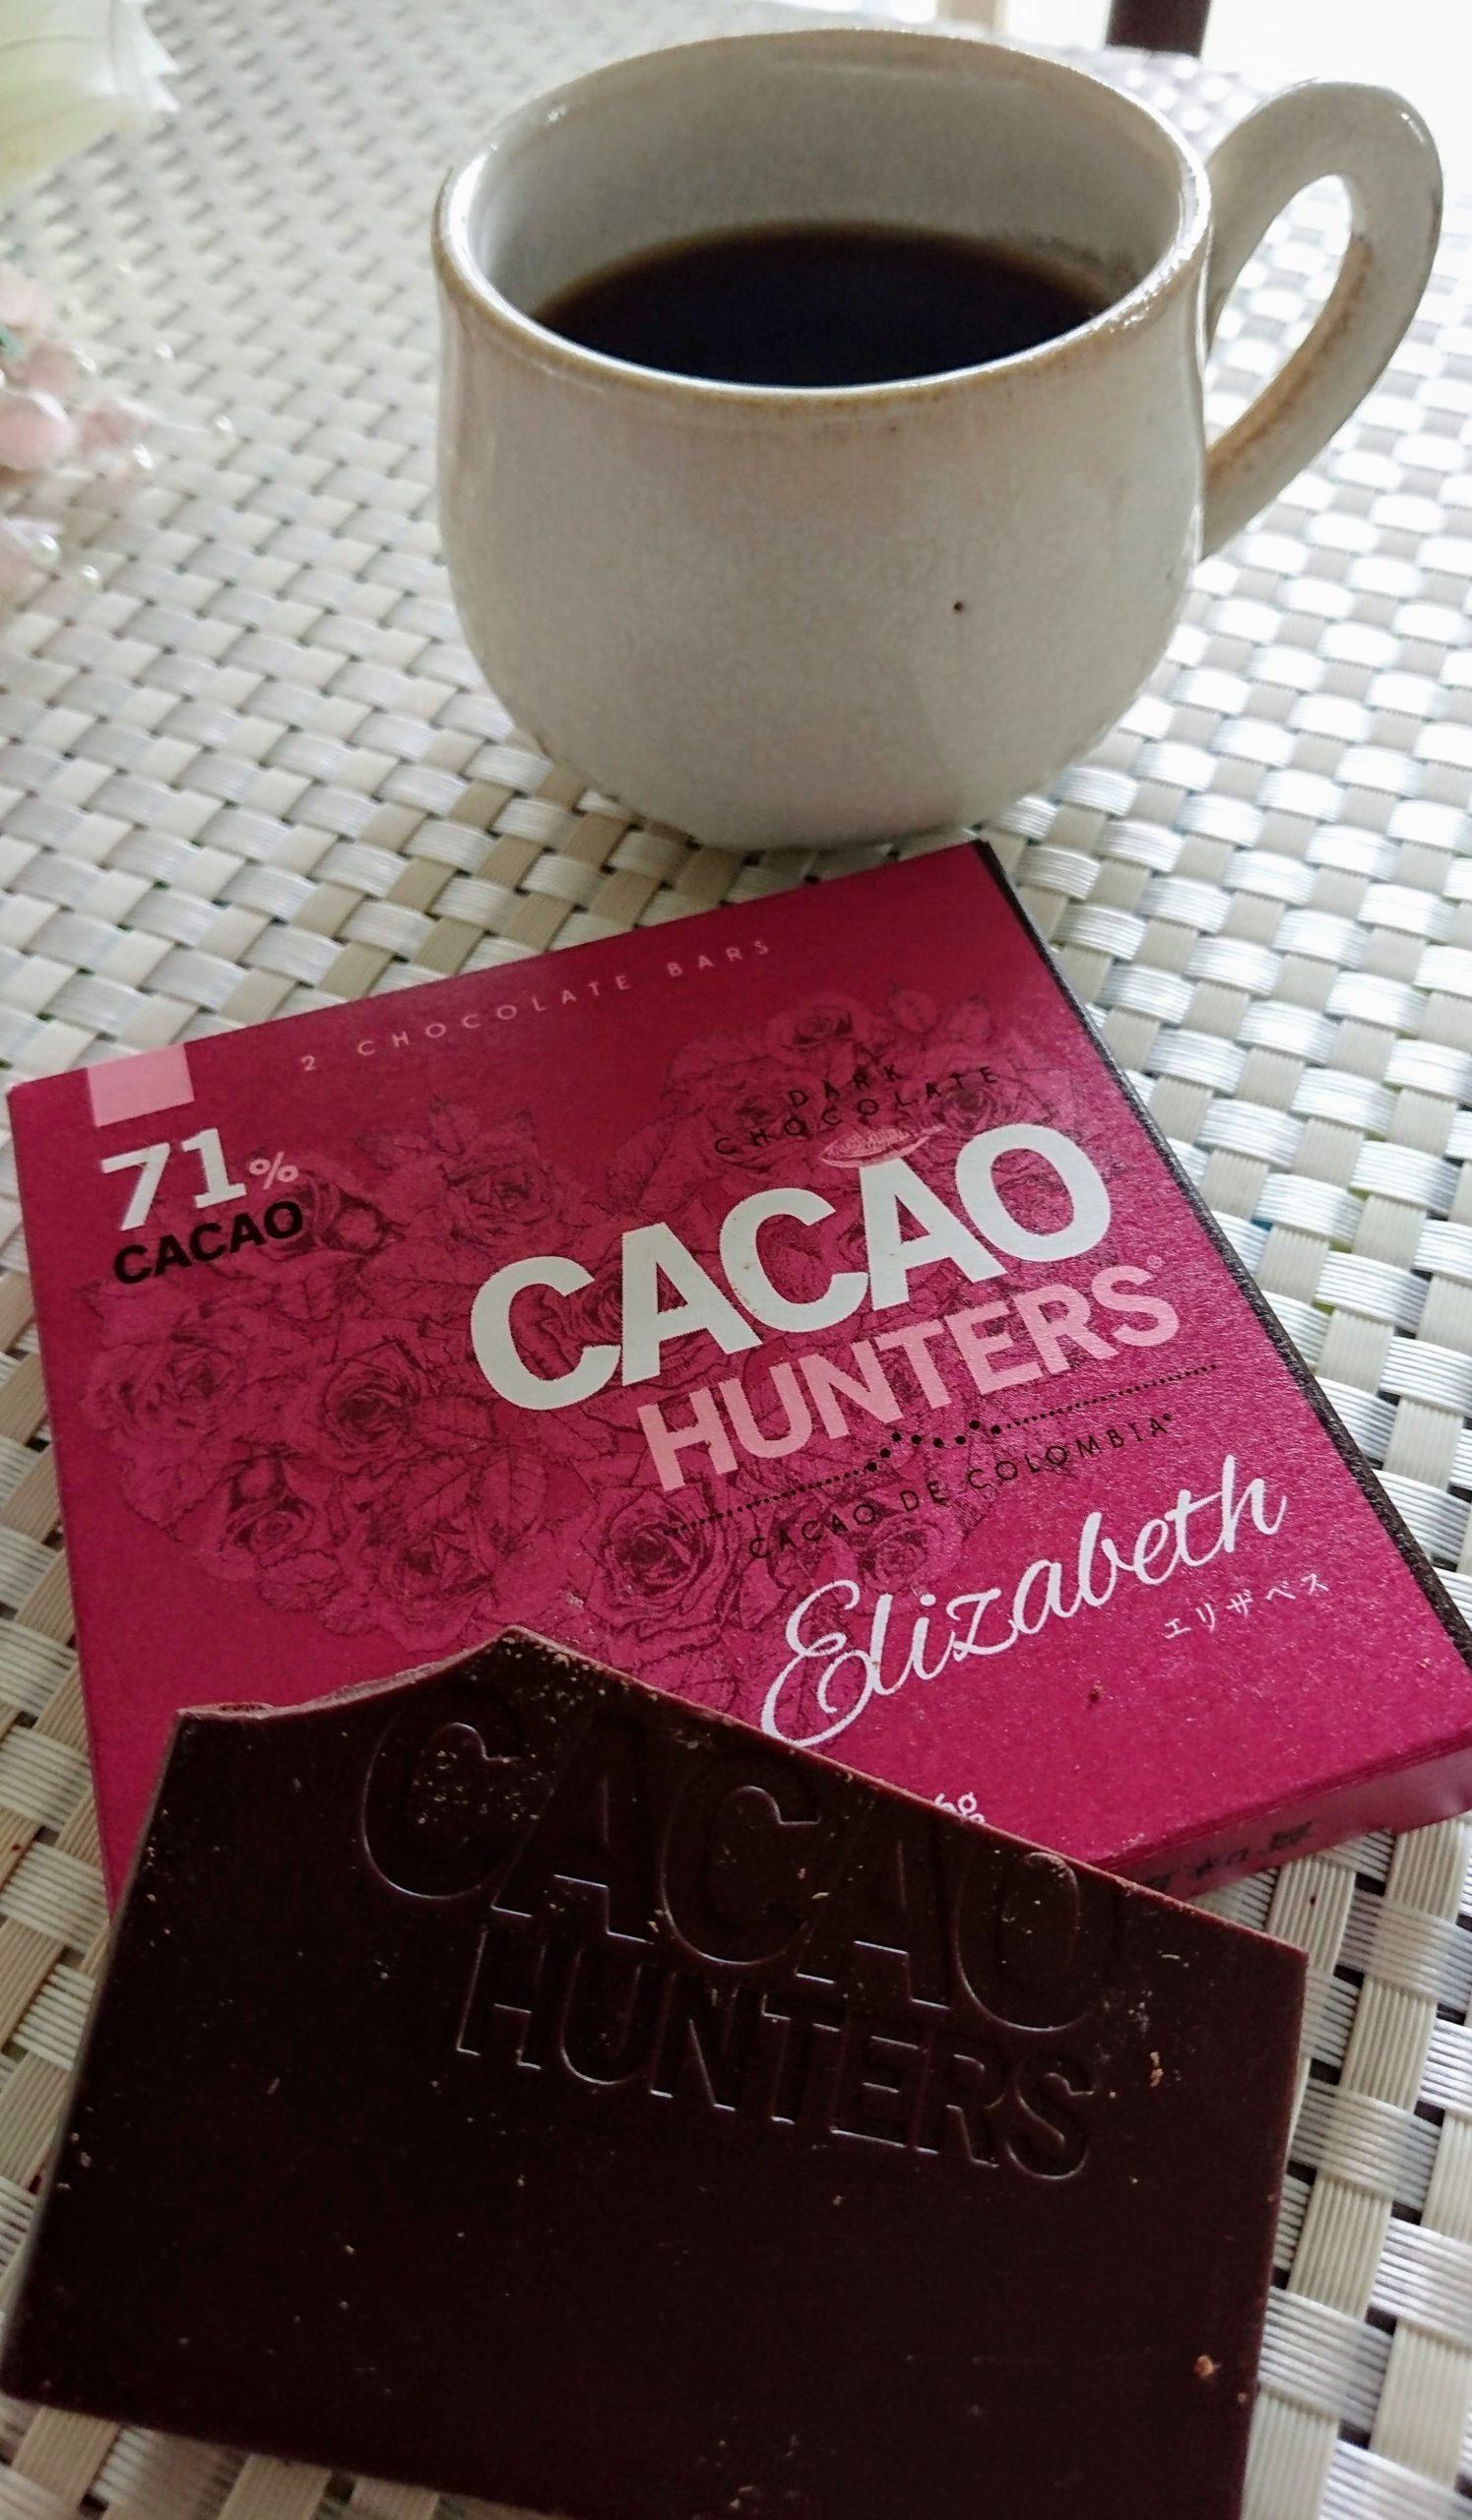 チョコレートと飲み物のマリアージュ 5つのコツ